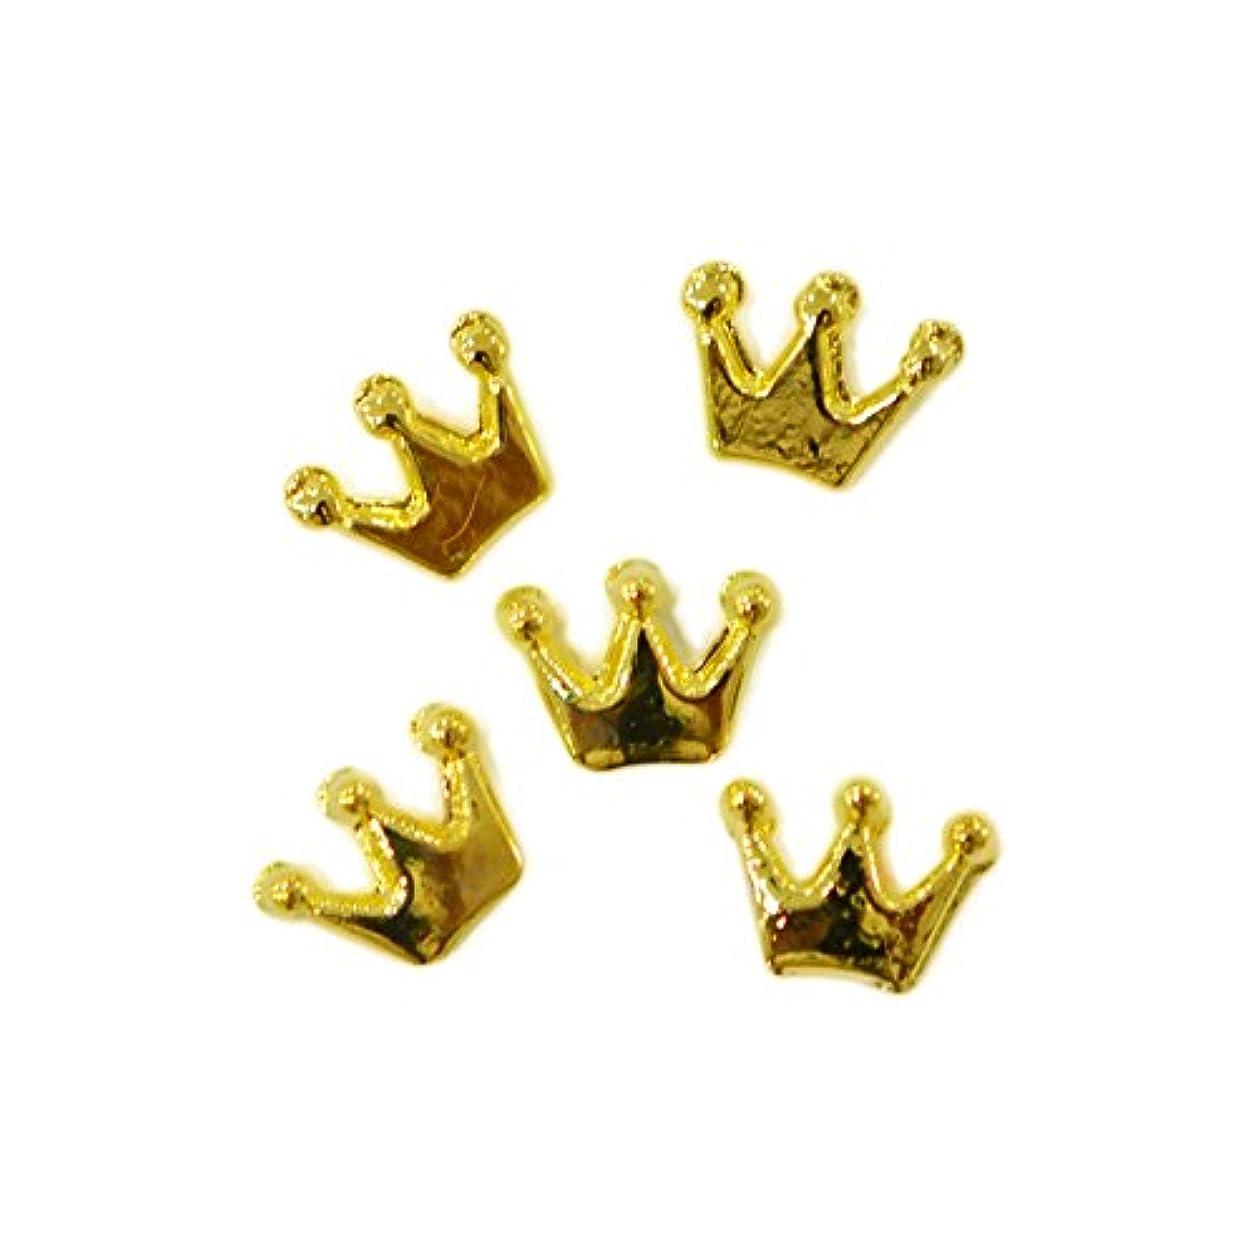 水曜日アスレチック船形メタルパーツ crown 6mm×4mm ゴールド 5個 MP10158 王冠